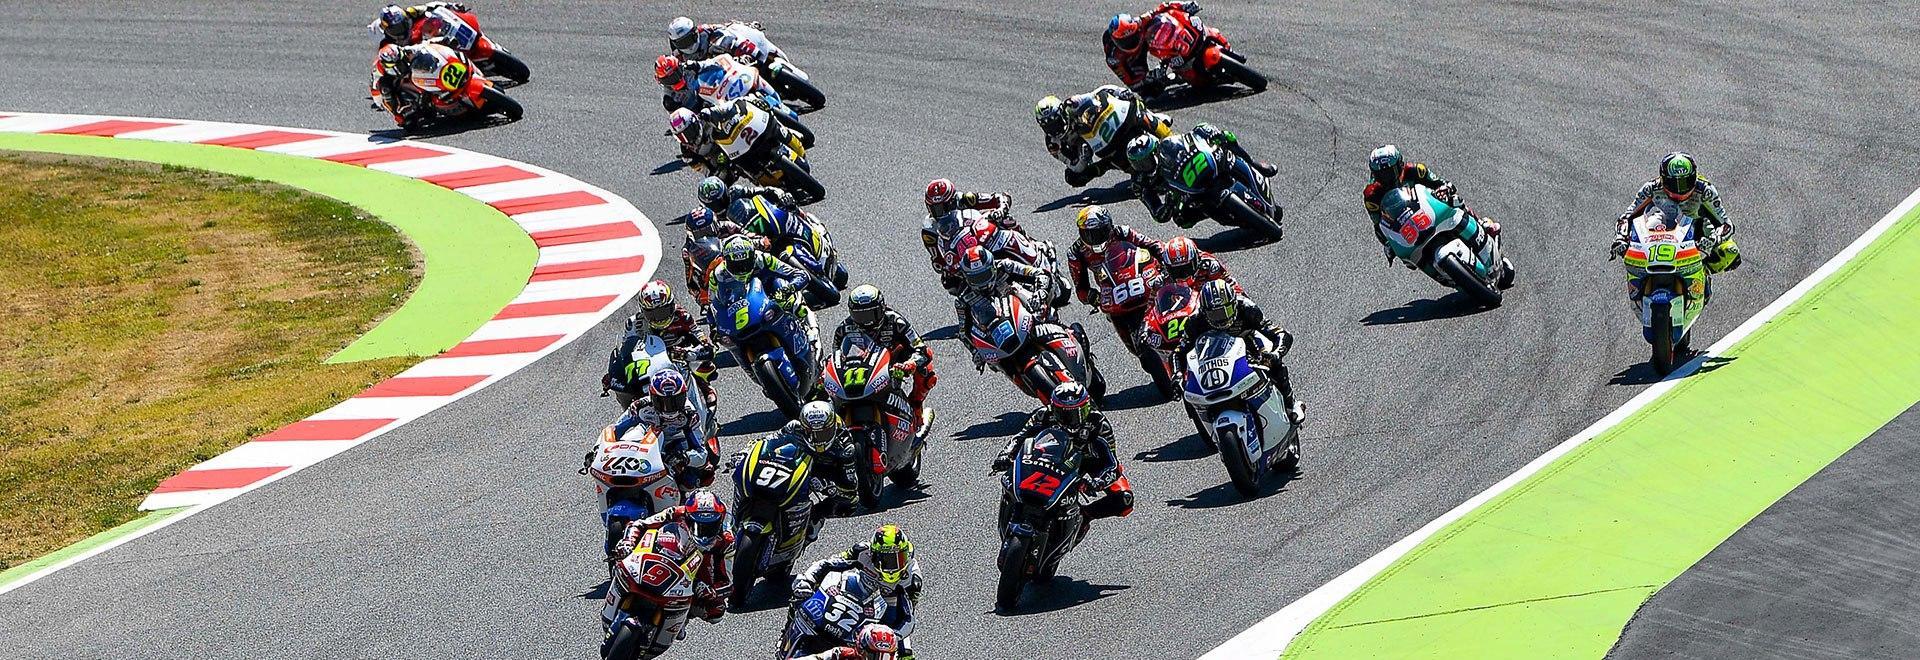 GP Aragona: Moto3. Gara 1